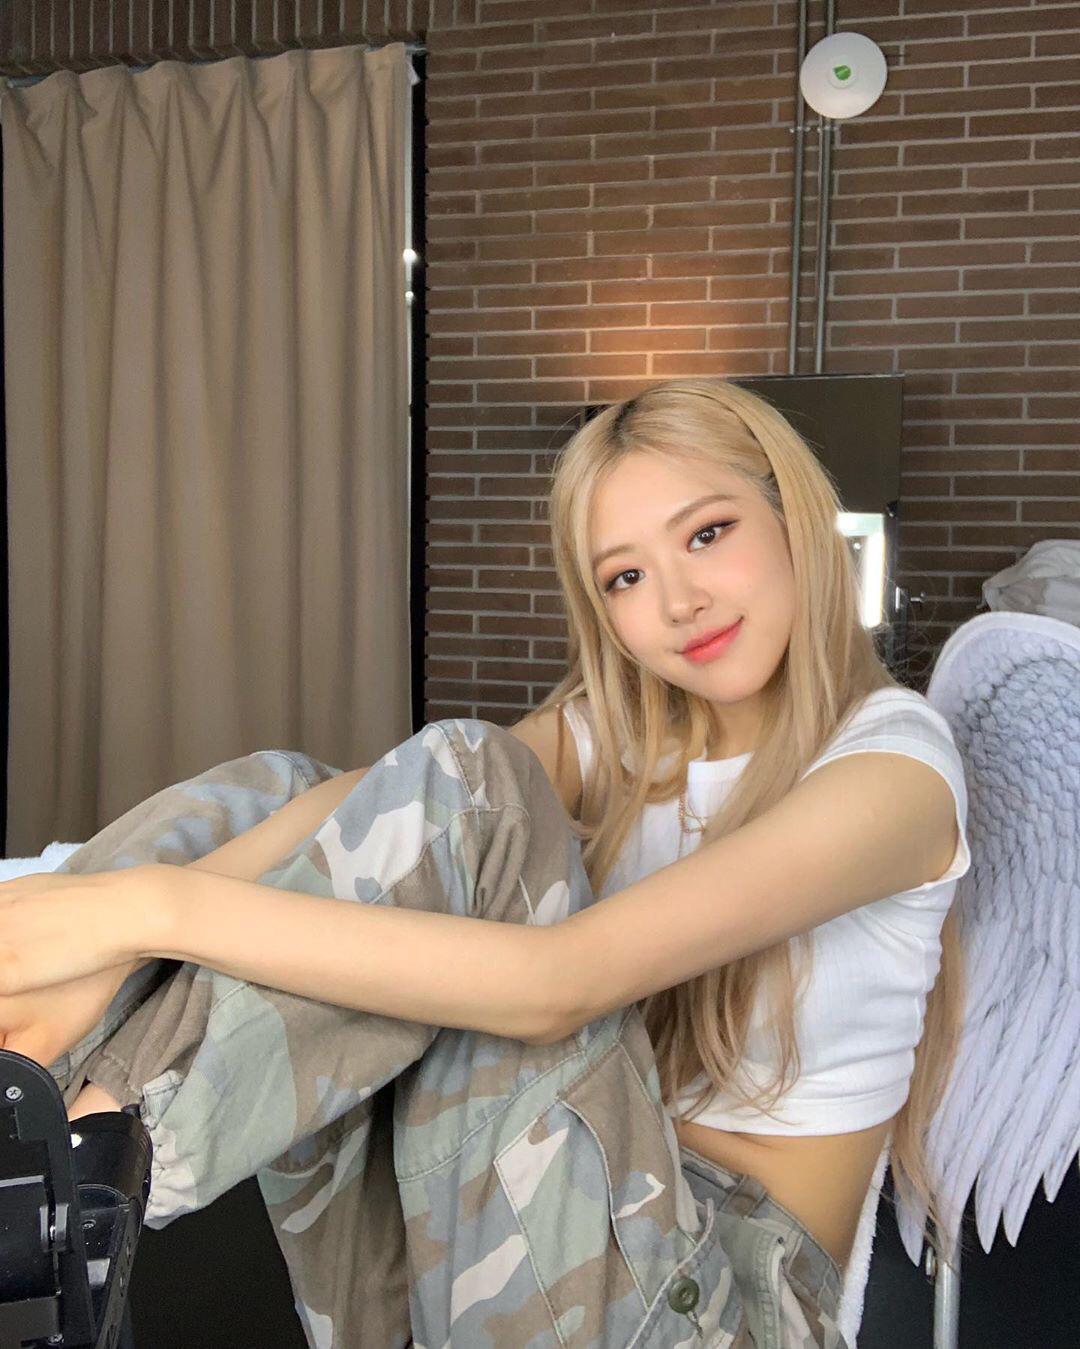 20190530朴彩英(ROSE)ins更新(原文+翻译)